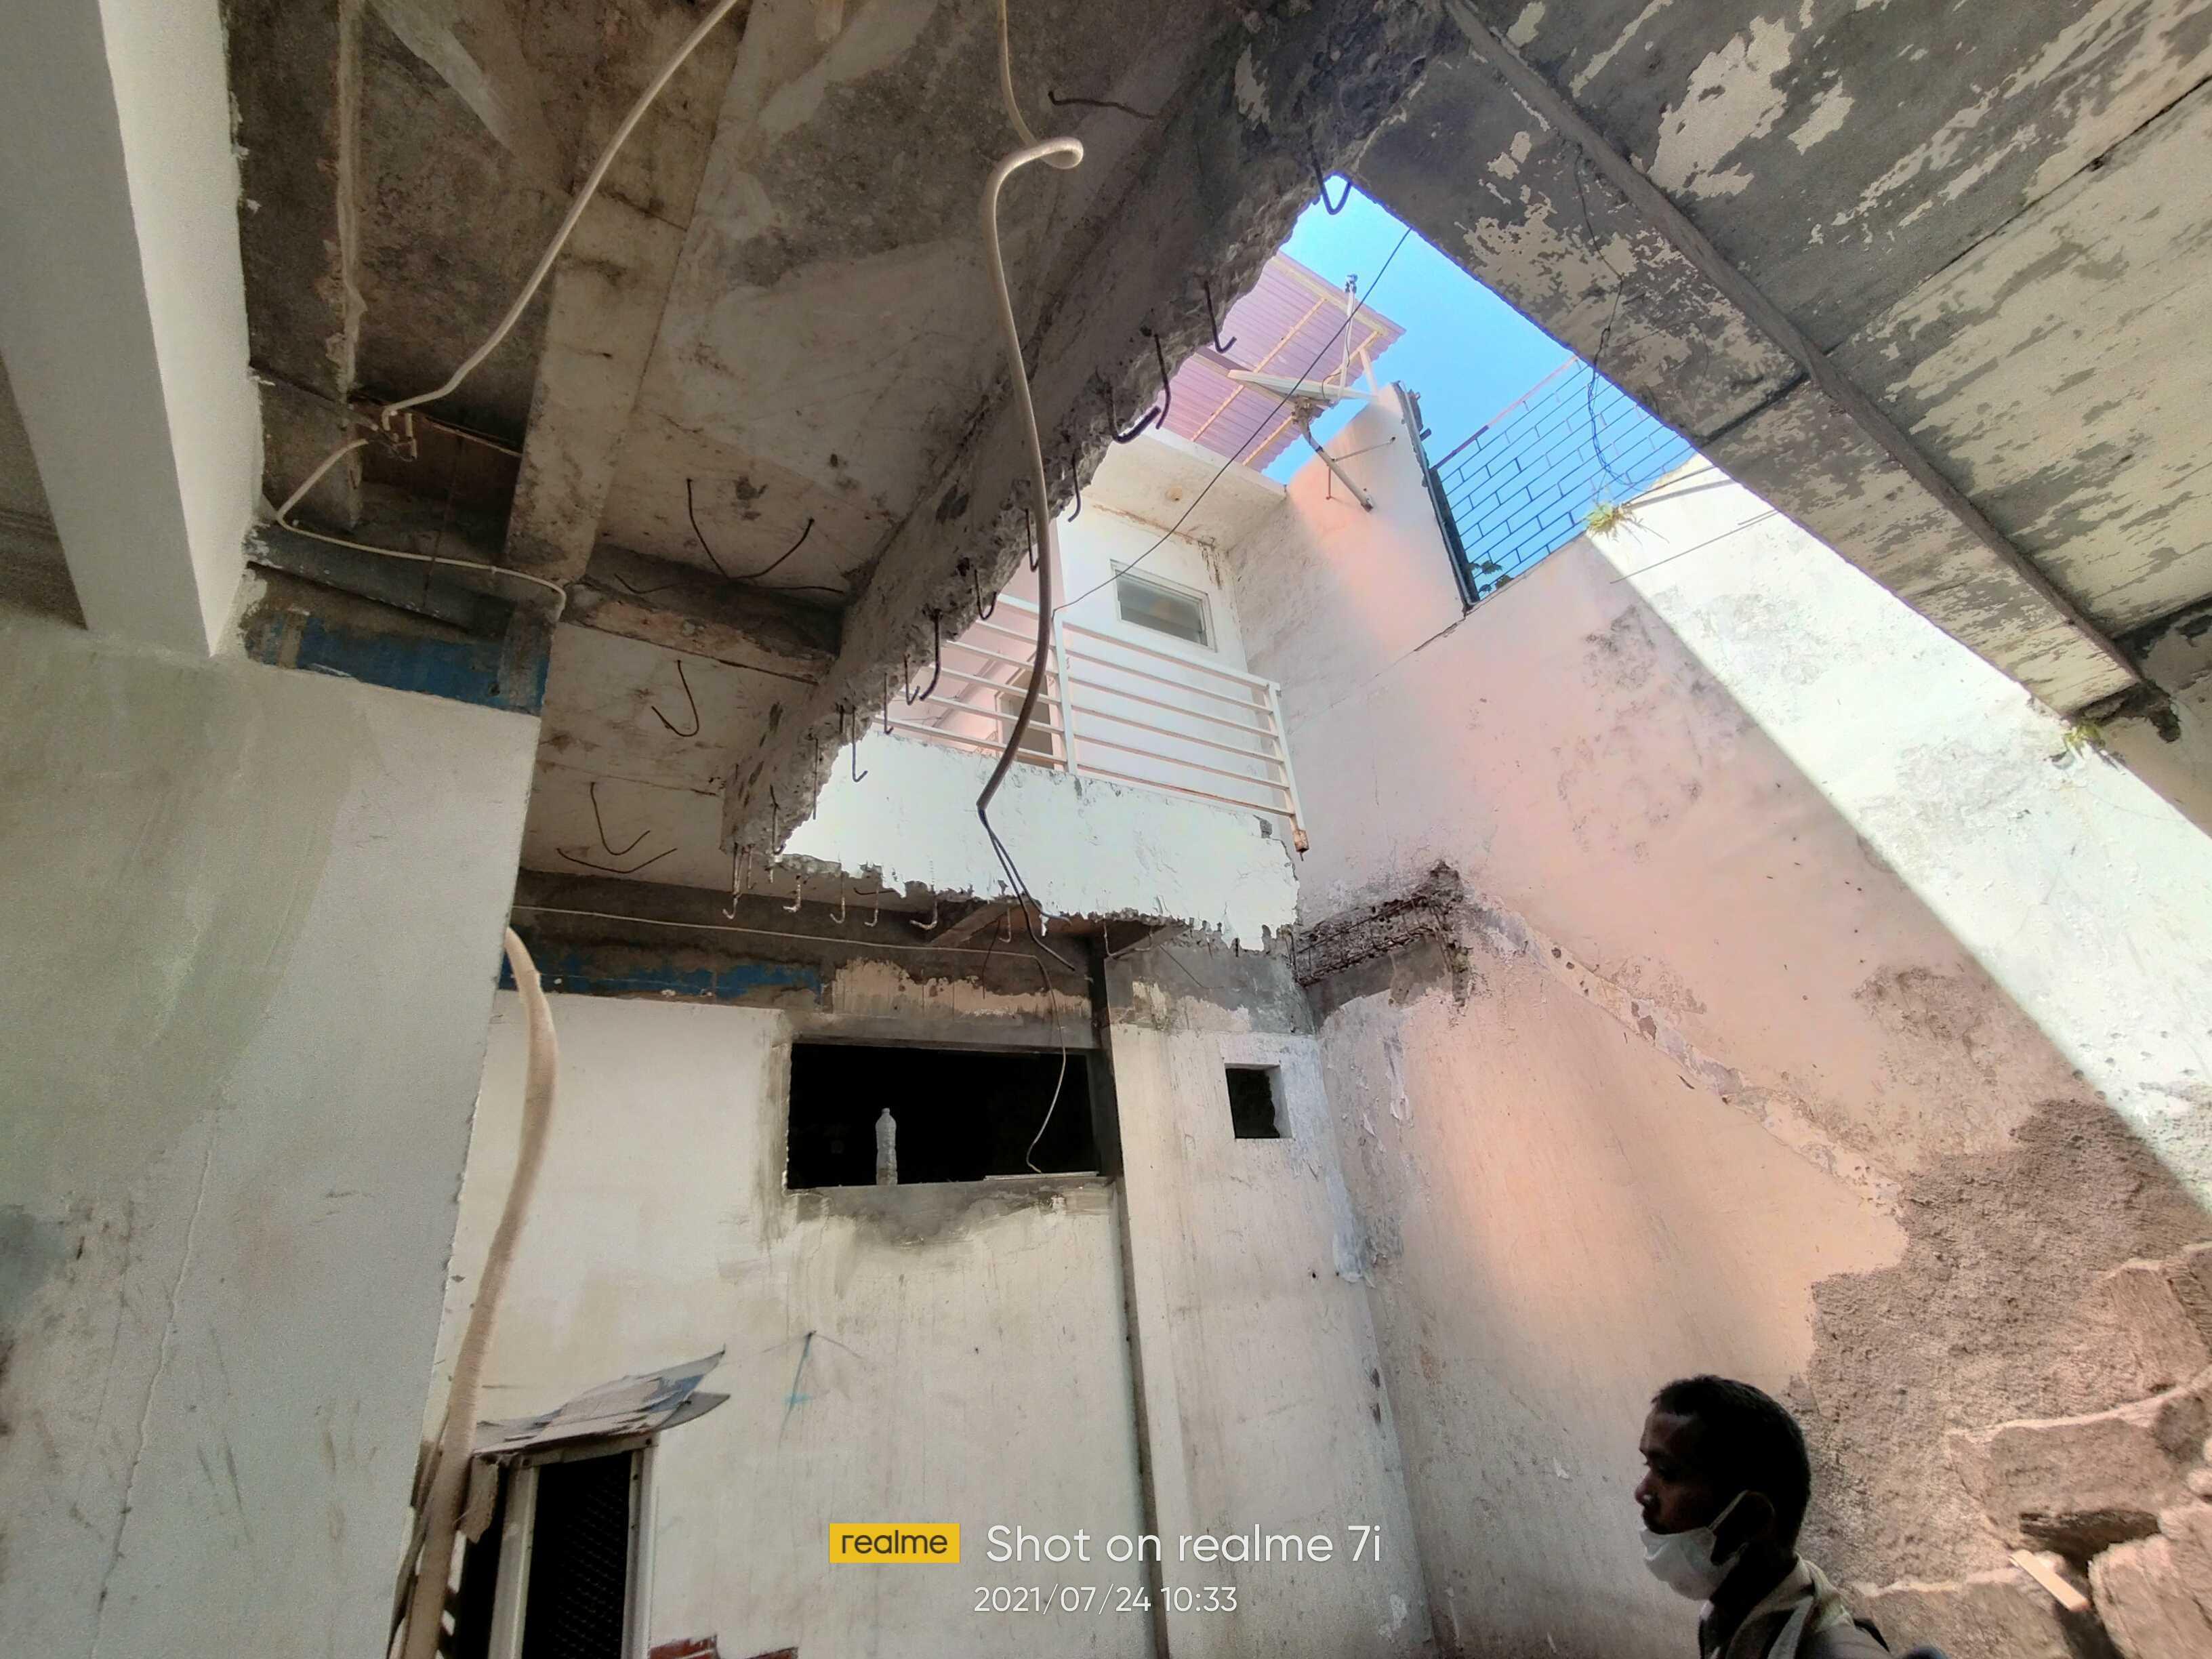 R2 Bangun Jaya Renovasi Rumah Ibu Yuli Surabaya, Kota Sby, Jawa Timur, Indonesia Surabaya, Kota Sby, Jawa Timur, Indonesia R2-Bangun-Jaya-Renovasi-Rumah-Ibu-Yuli   131309